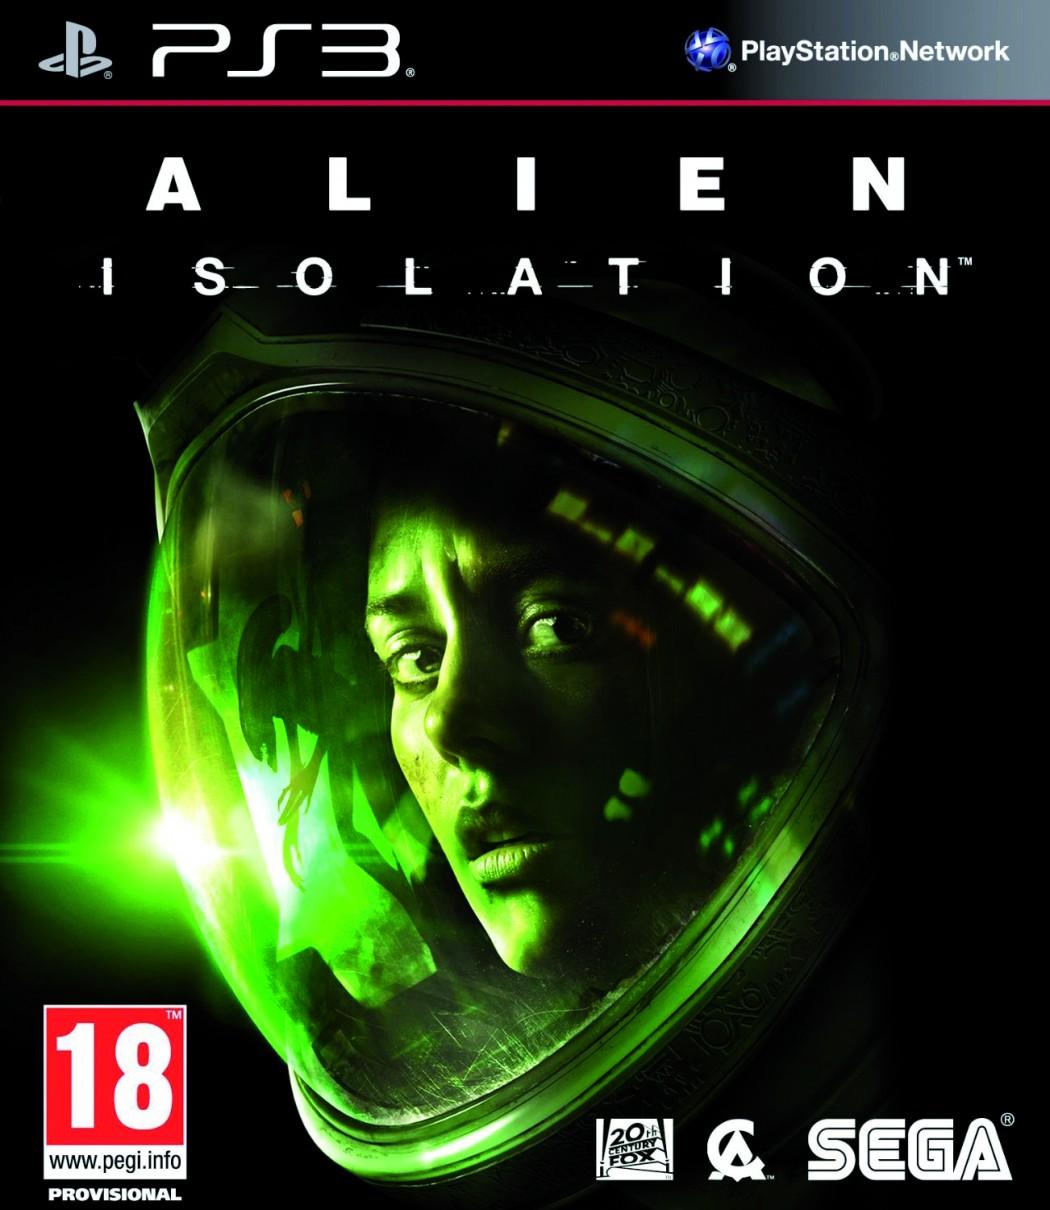 GRA Alien Isolation